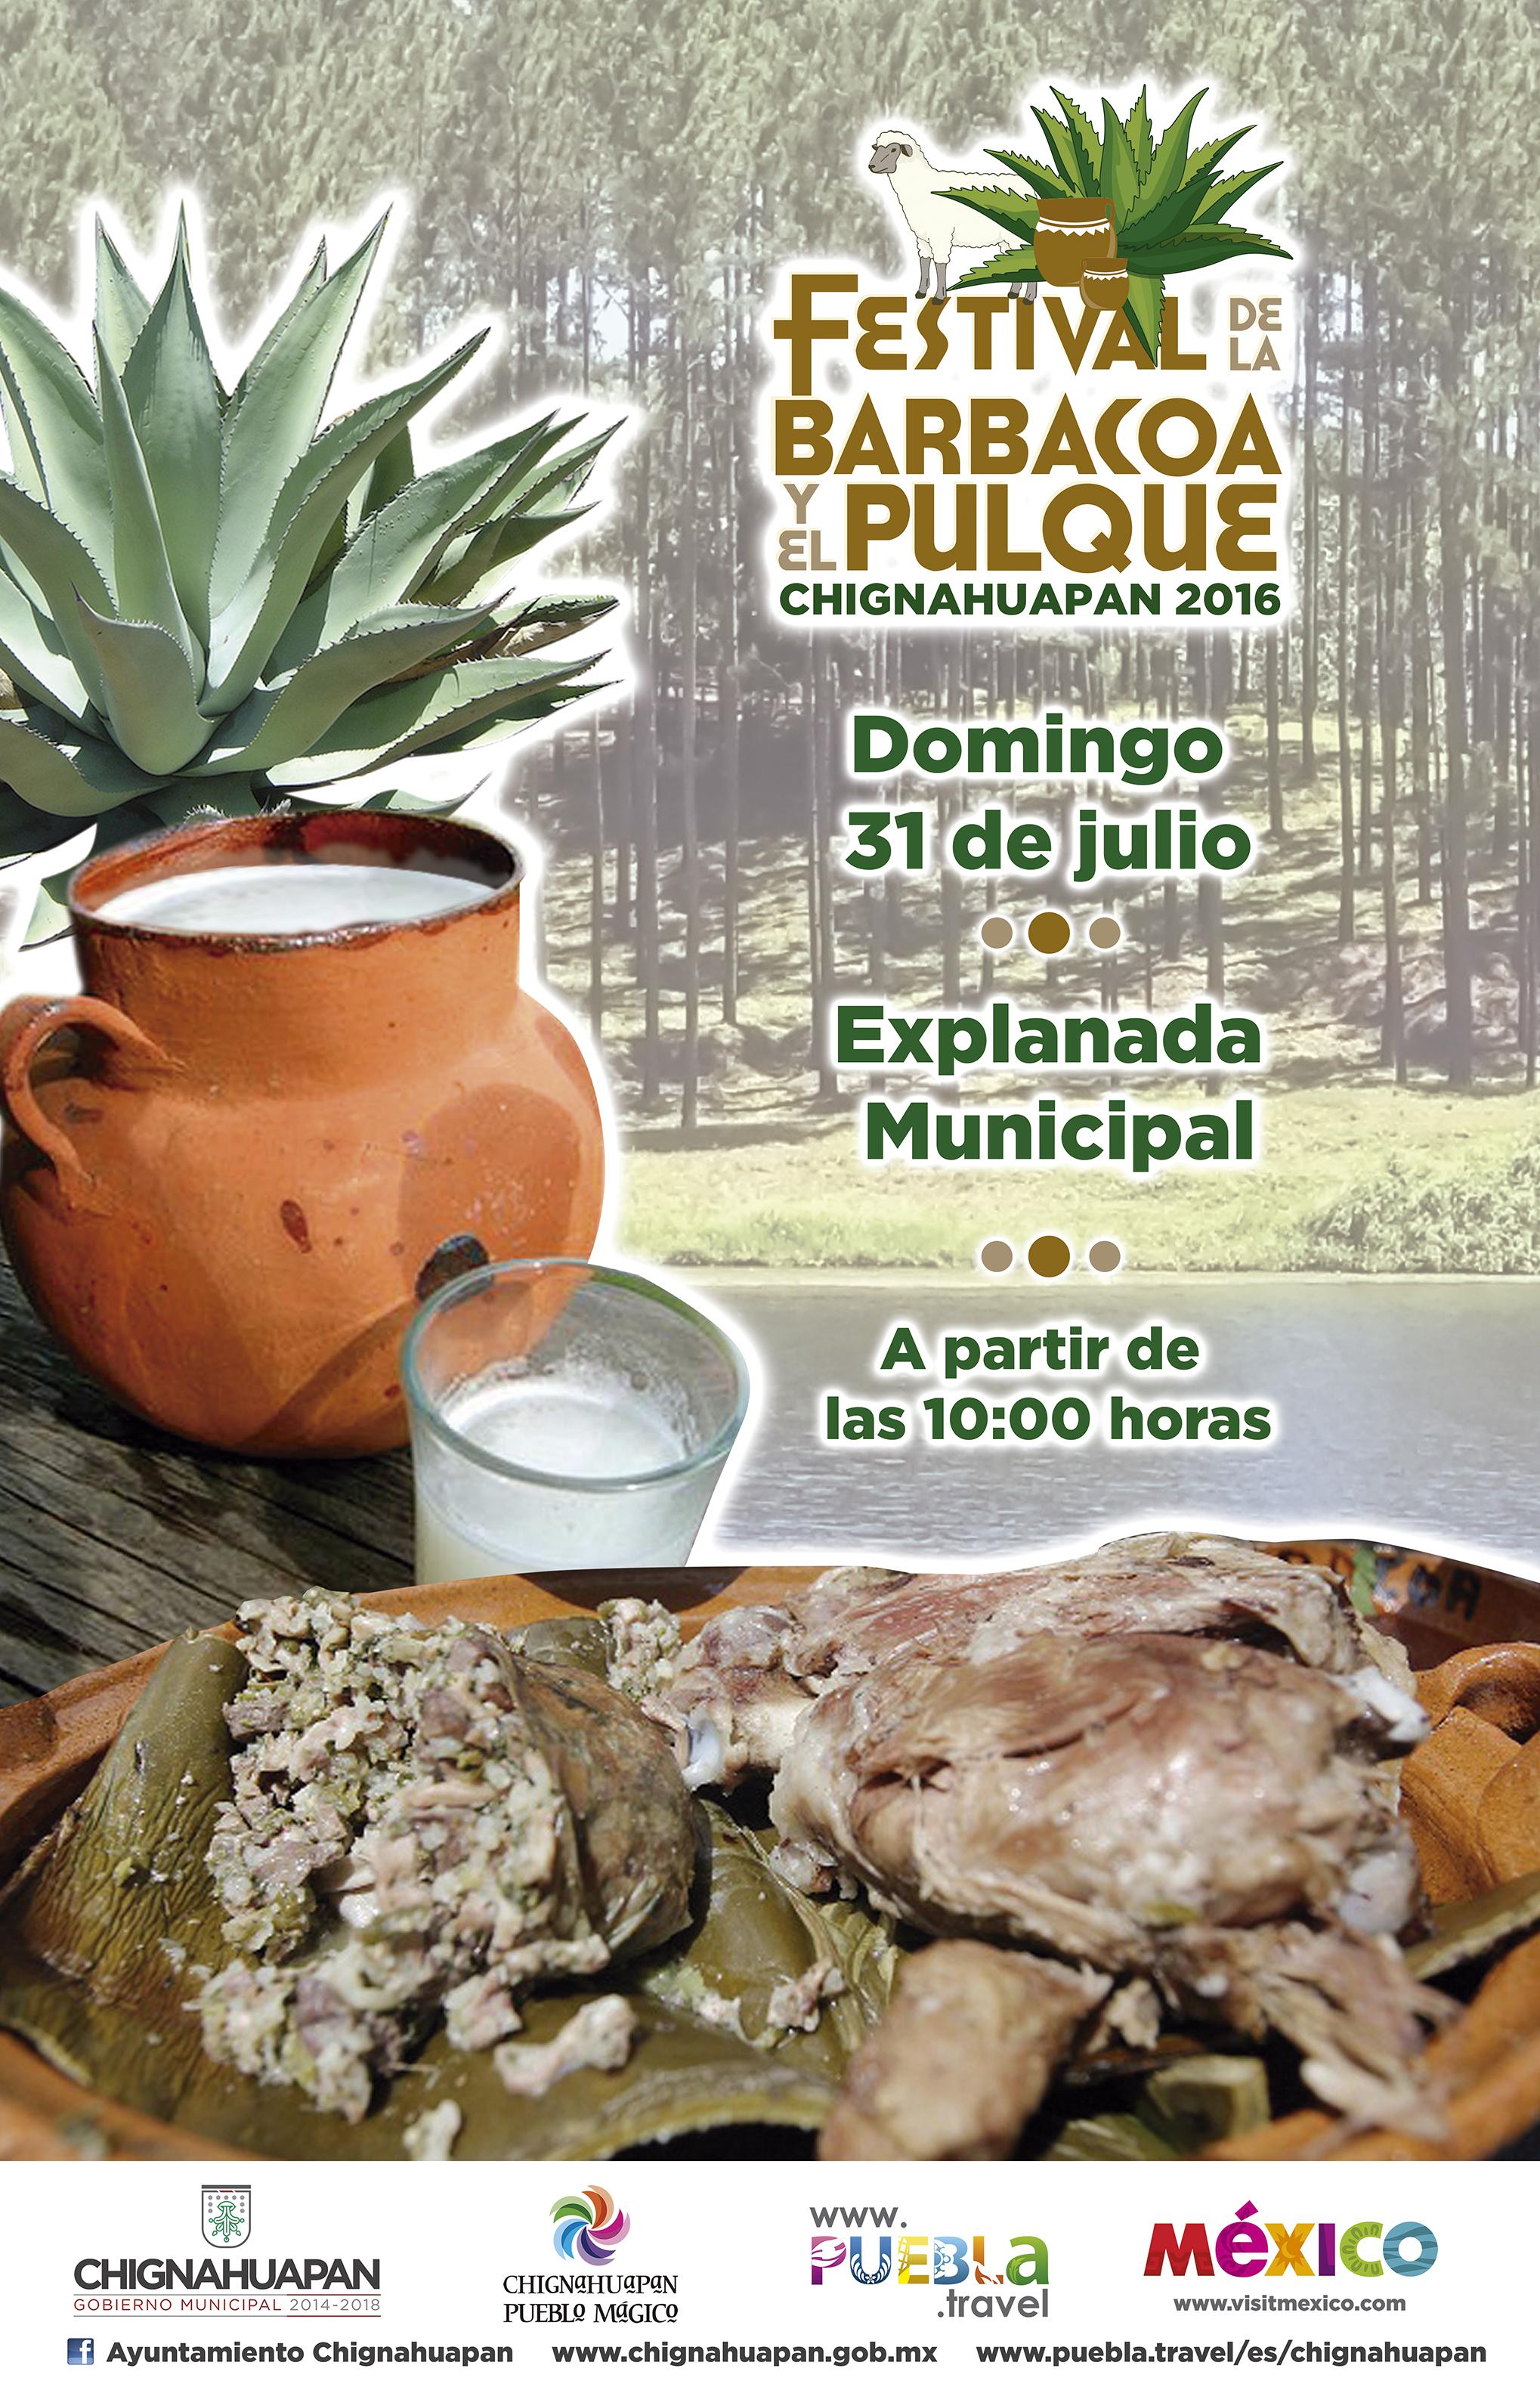 La Antojadera || Feria de la barbacoa y el pulque